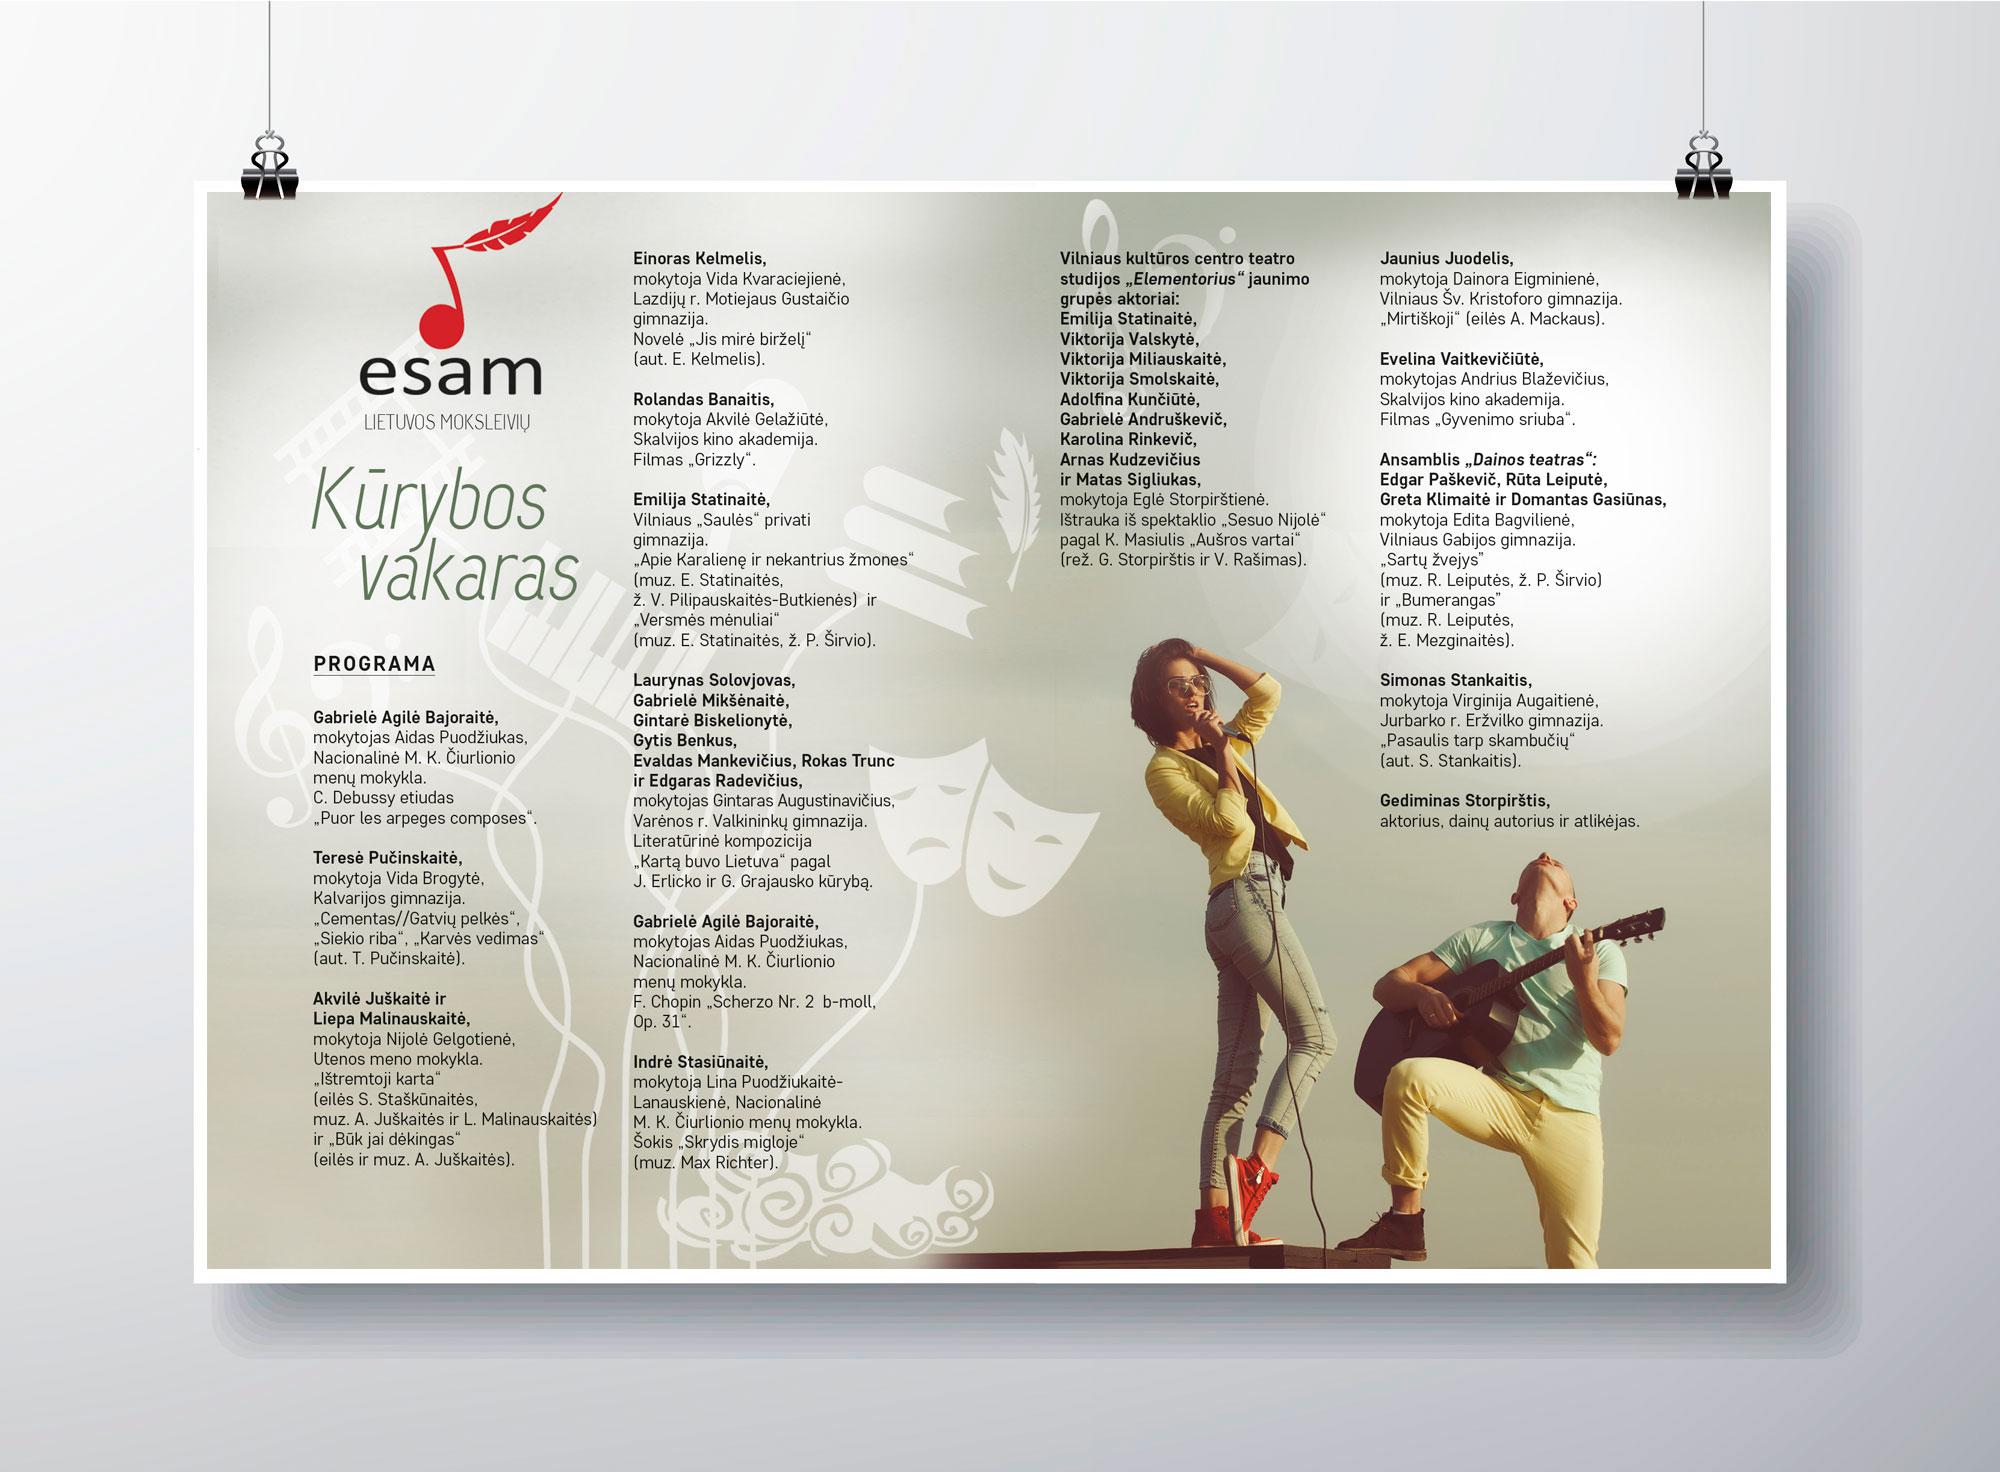 ESAM_e-Programa